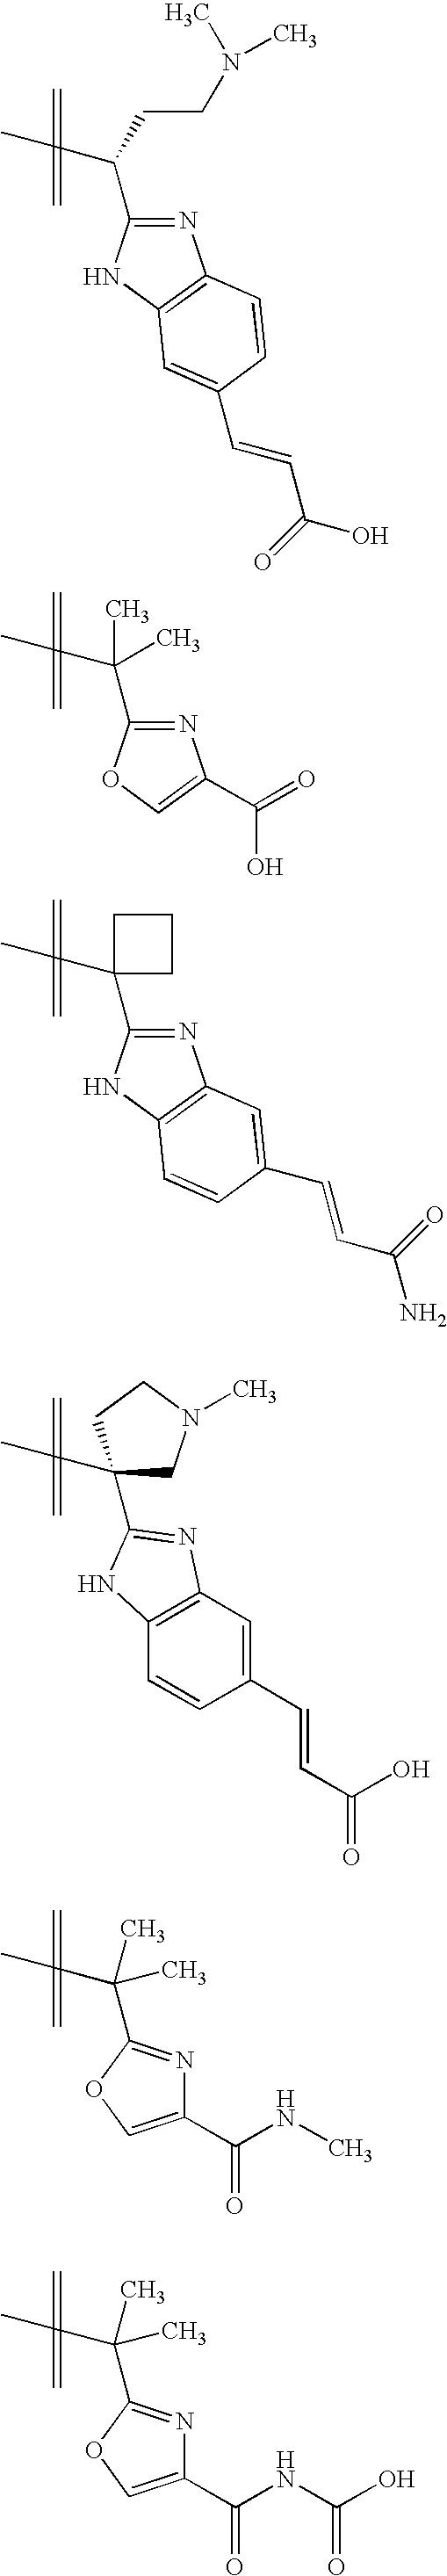 Figure US20070049593A1-20070301-C00153